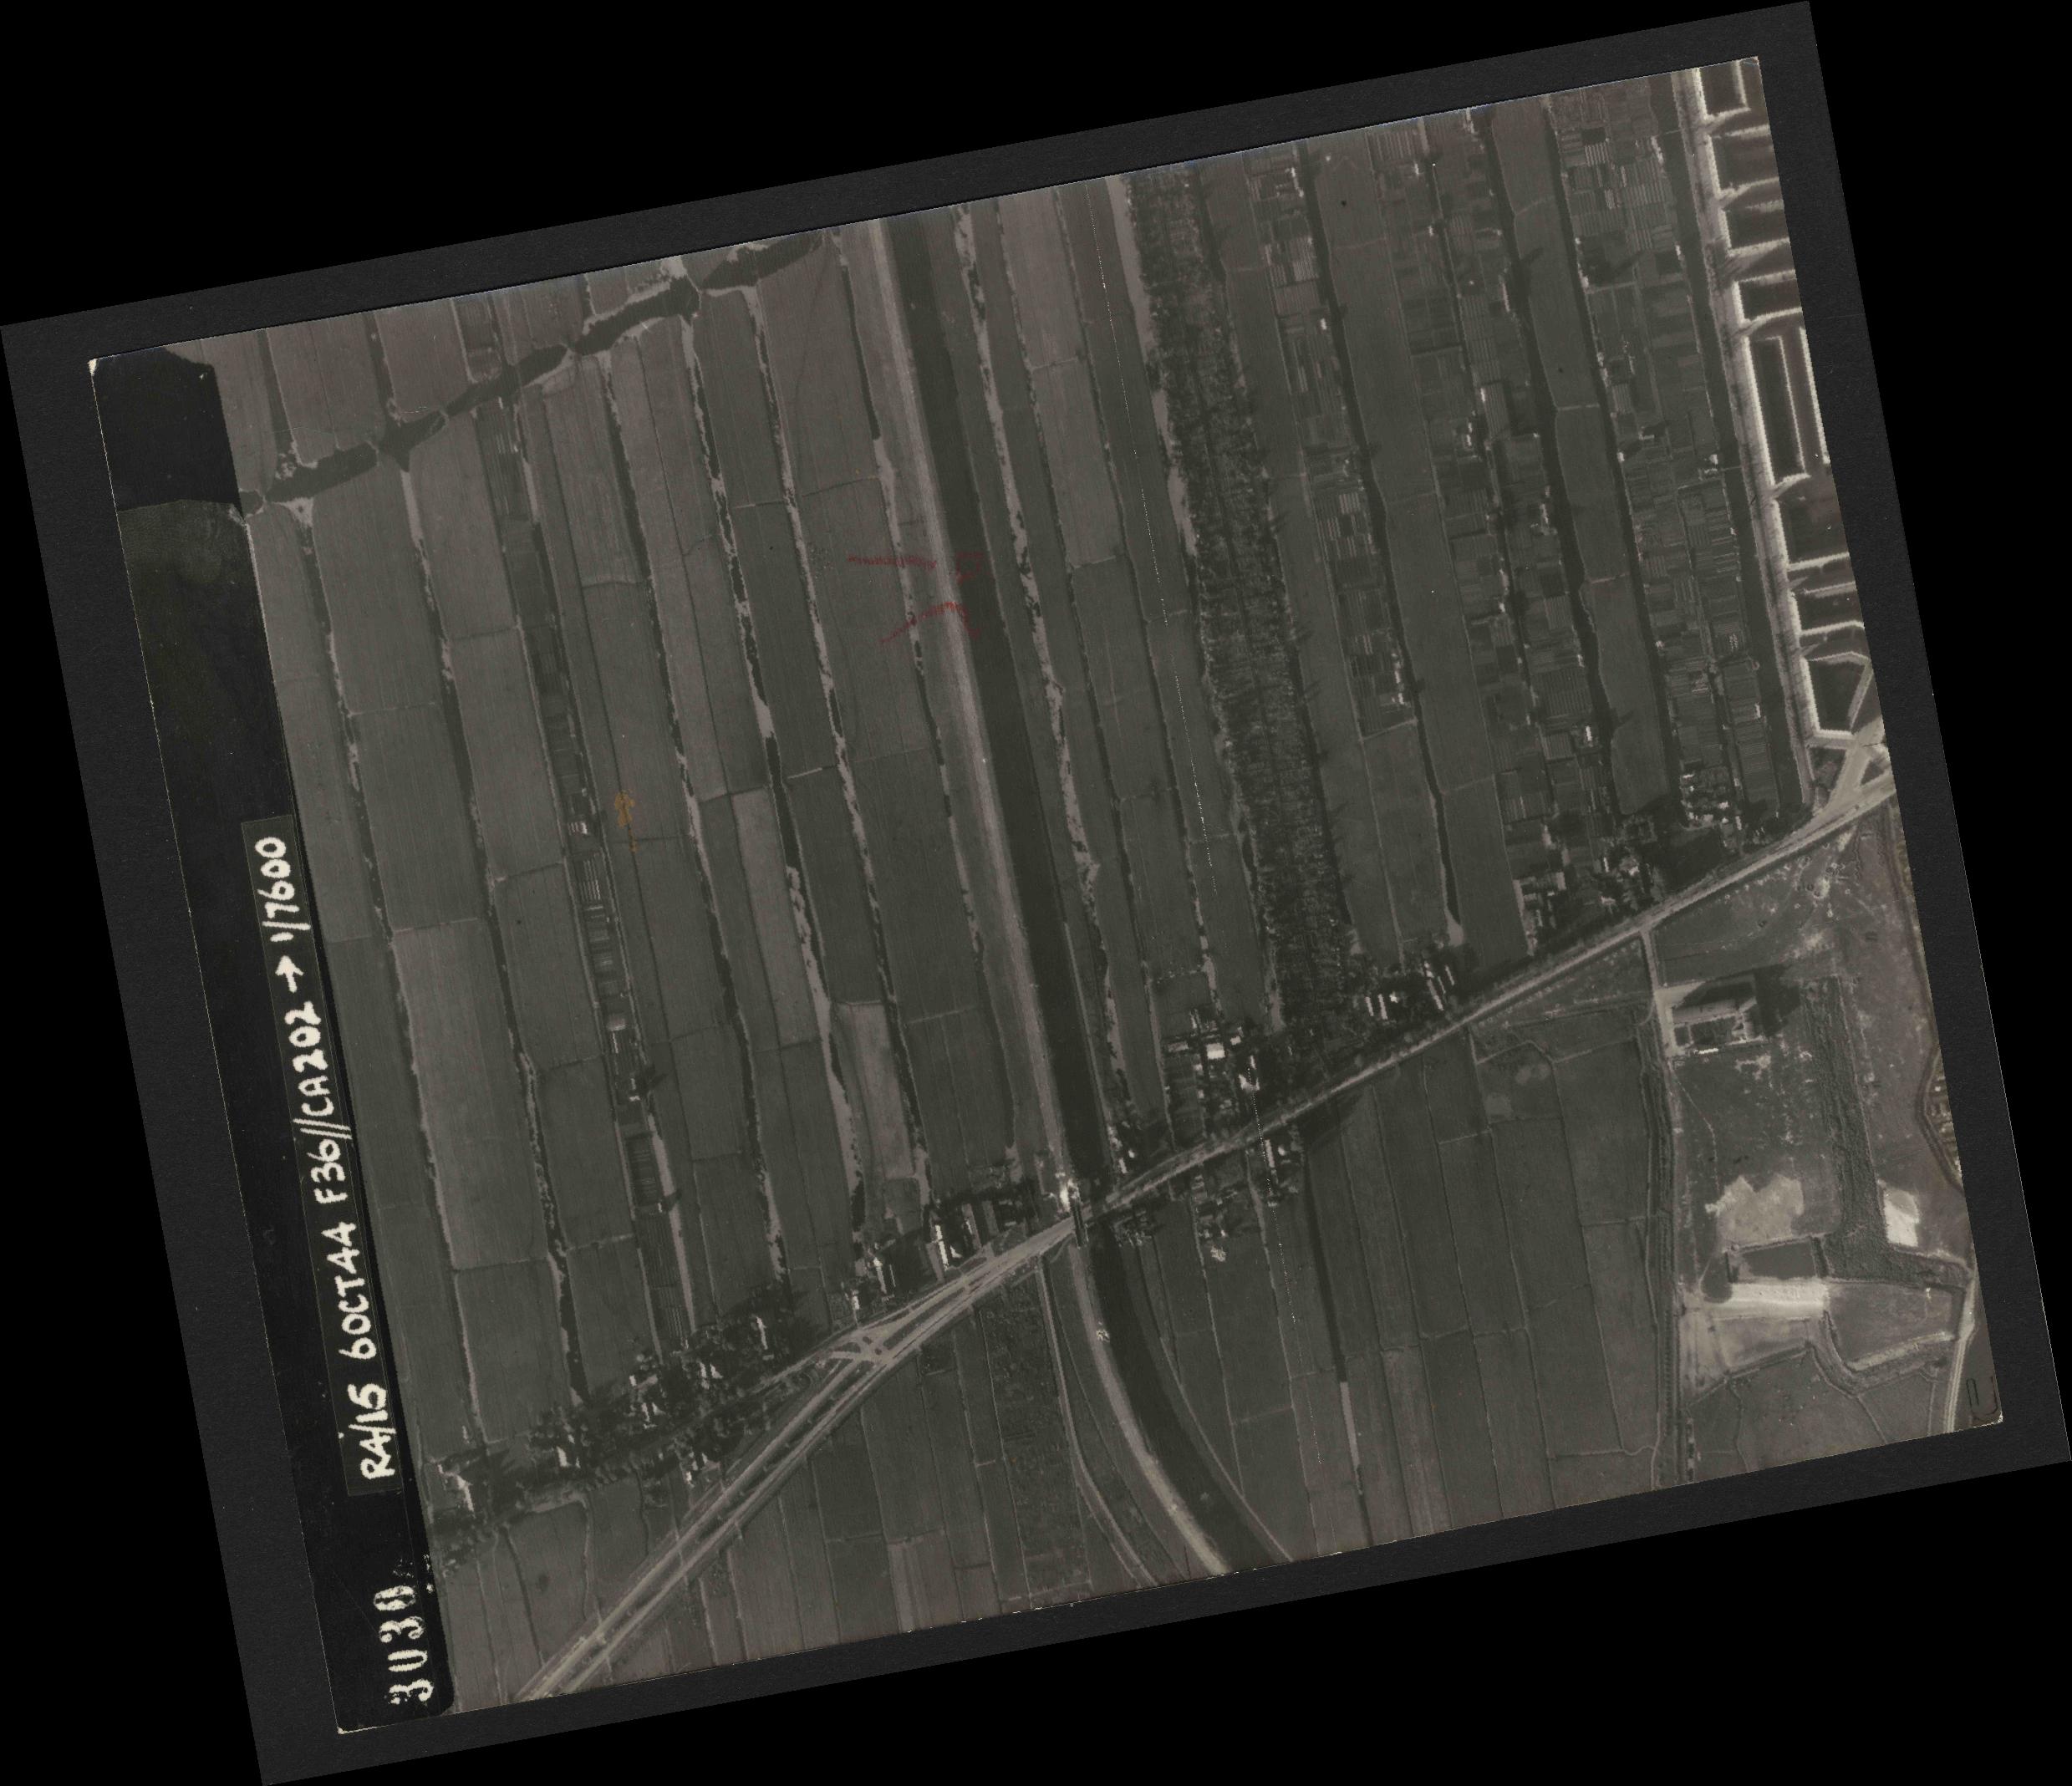 Collection RAF aerial photos 1940-1945 - flight 121, run 01, photo 3030